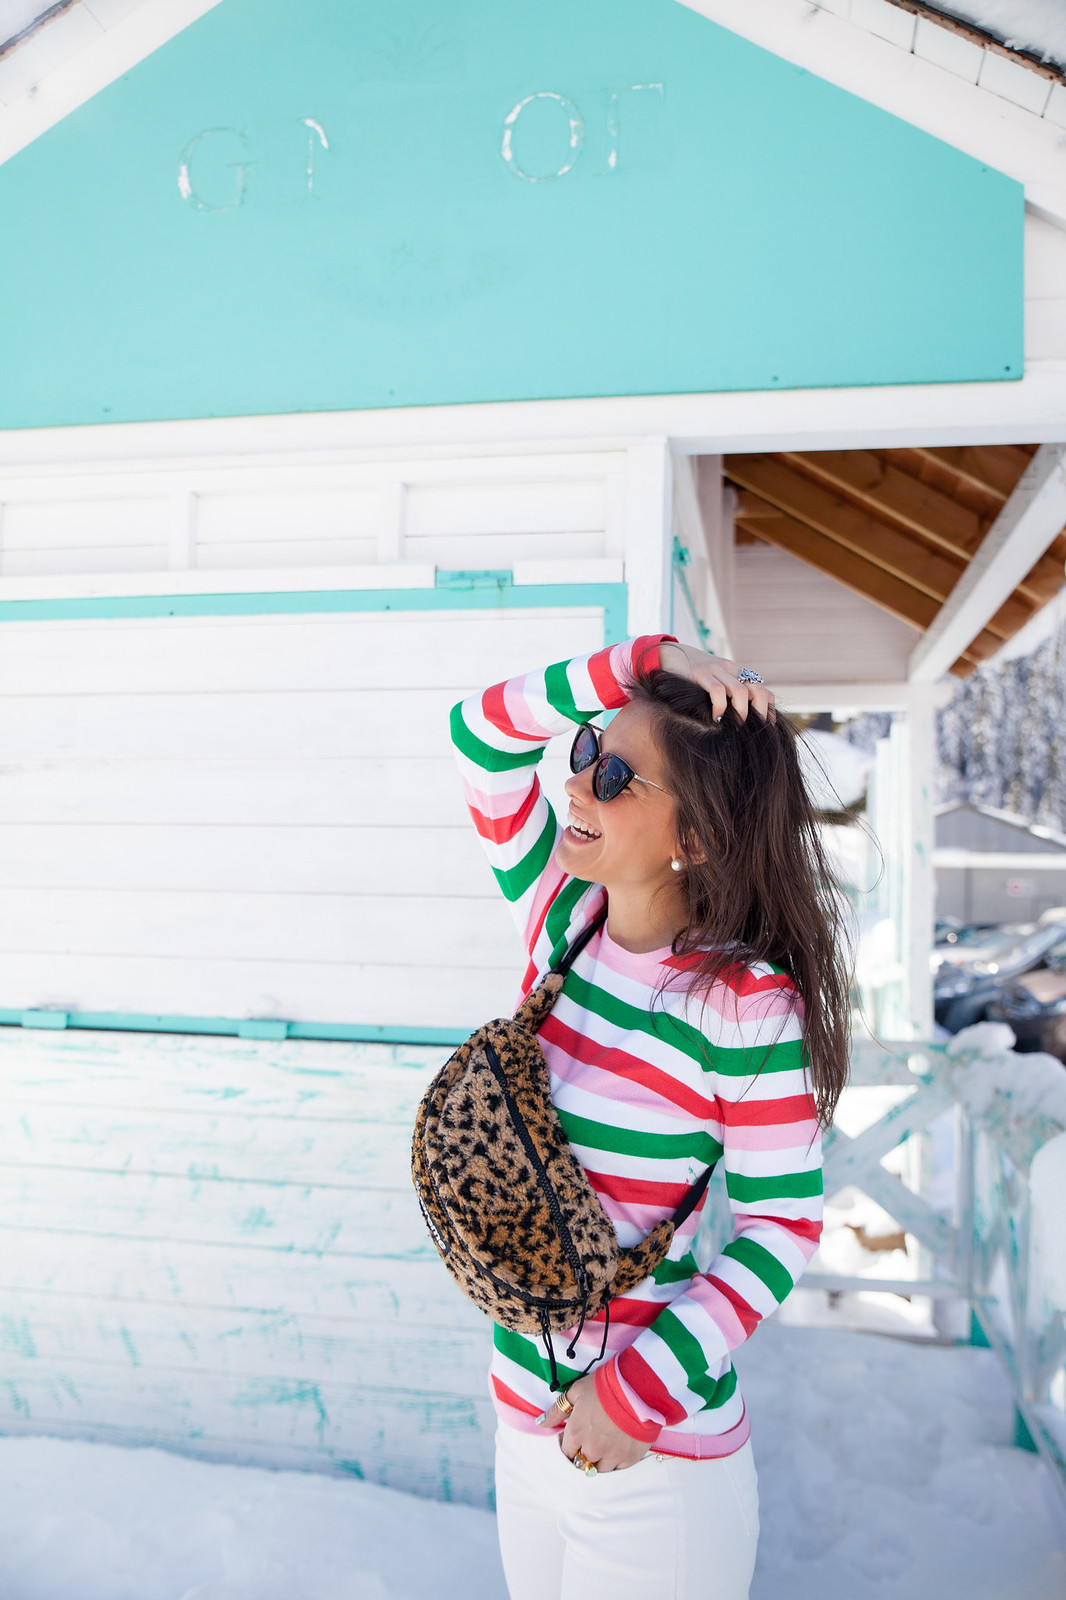 LOOK JERSEY RAYAS MULTICOLOR theguestgirl supreme bag leopardo trend alert brand riñonera en tendencia look avance primavera verano rosa y rojo inspiración look